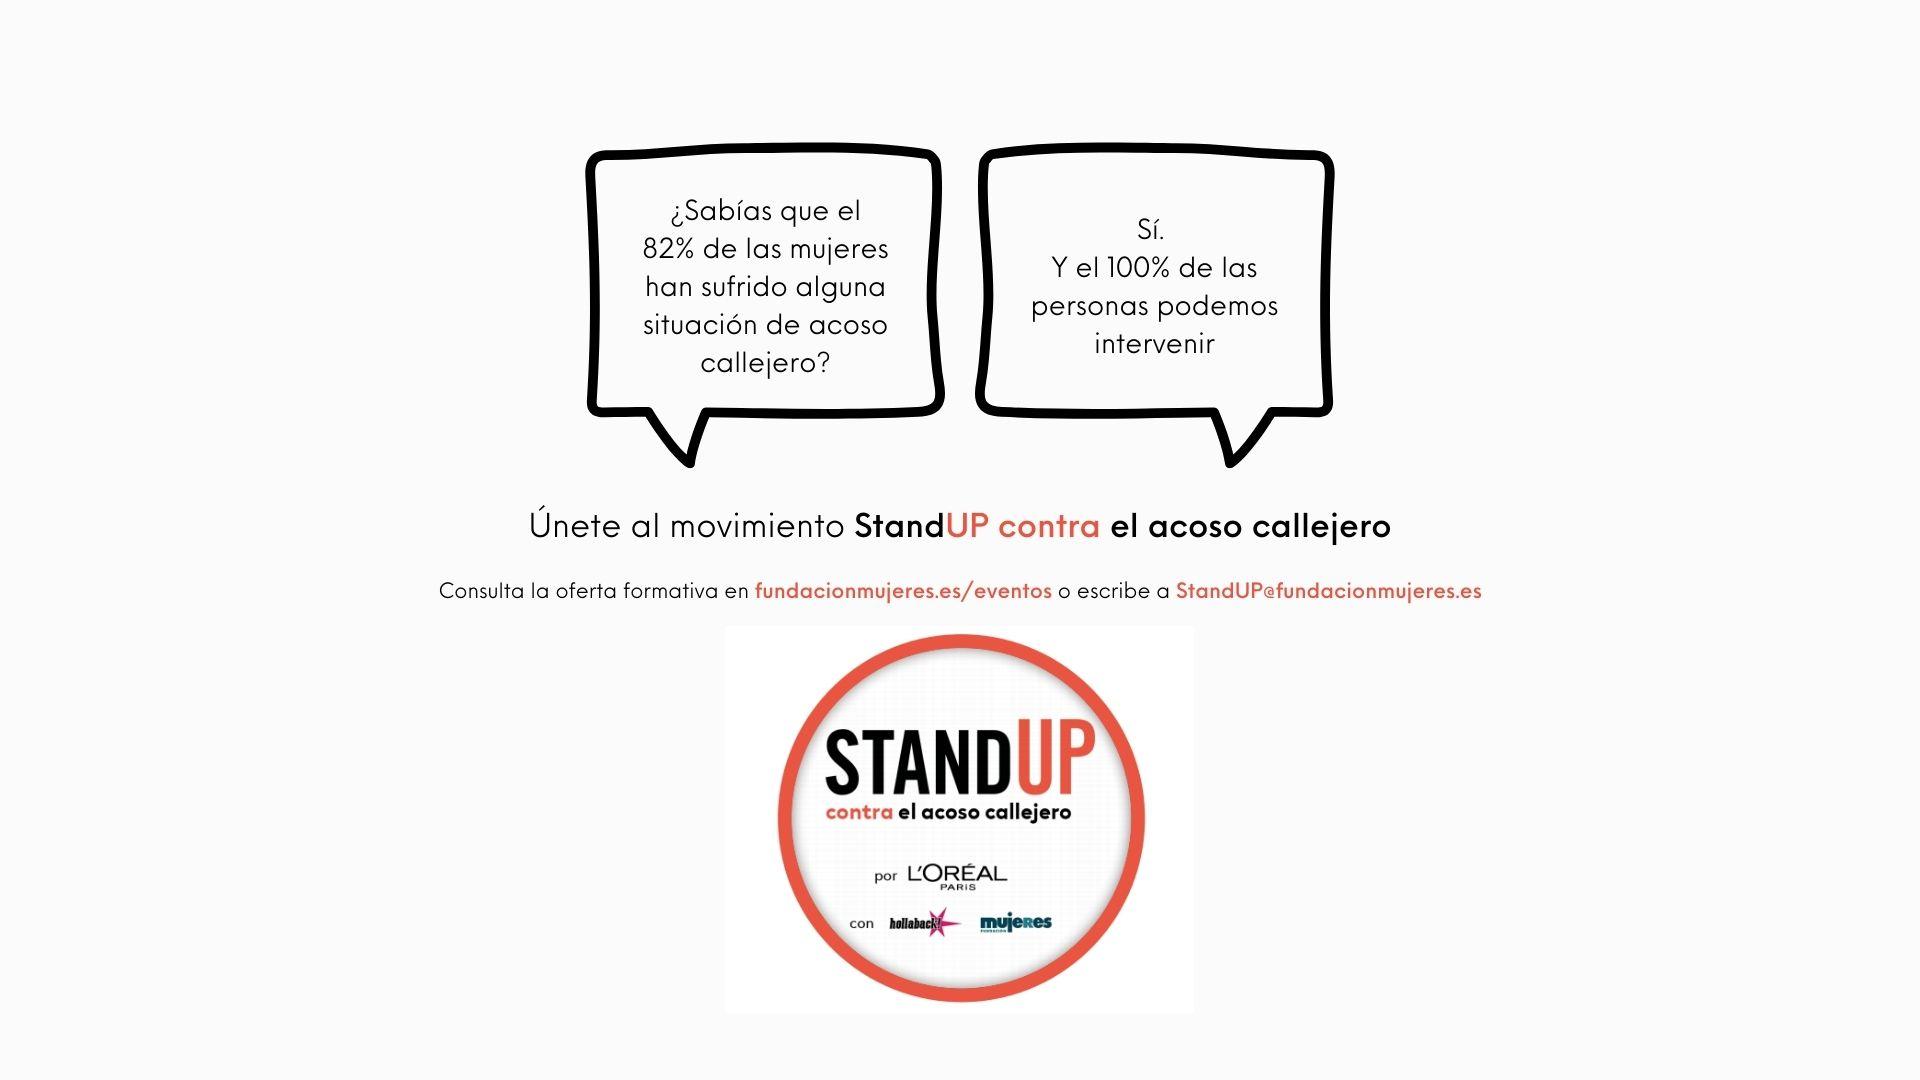 Únete al movimiento StandUP contra el acoso callejero Consulta la oferta formativa en fundacionmujeres.es_eventos o escribe a StandUP@fundacionmujeres.es